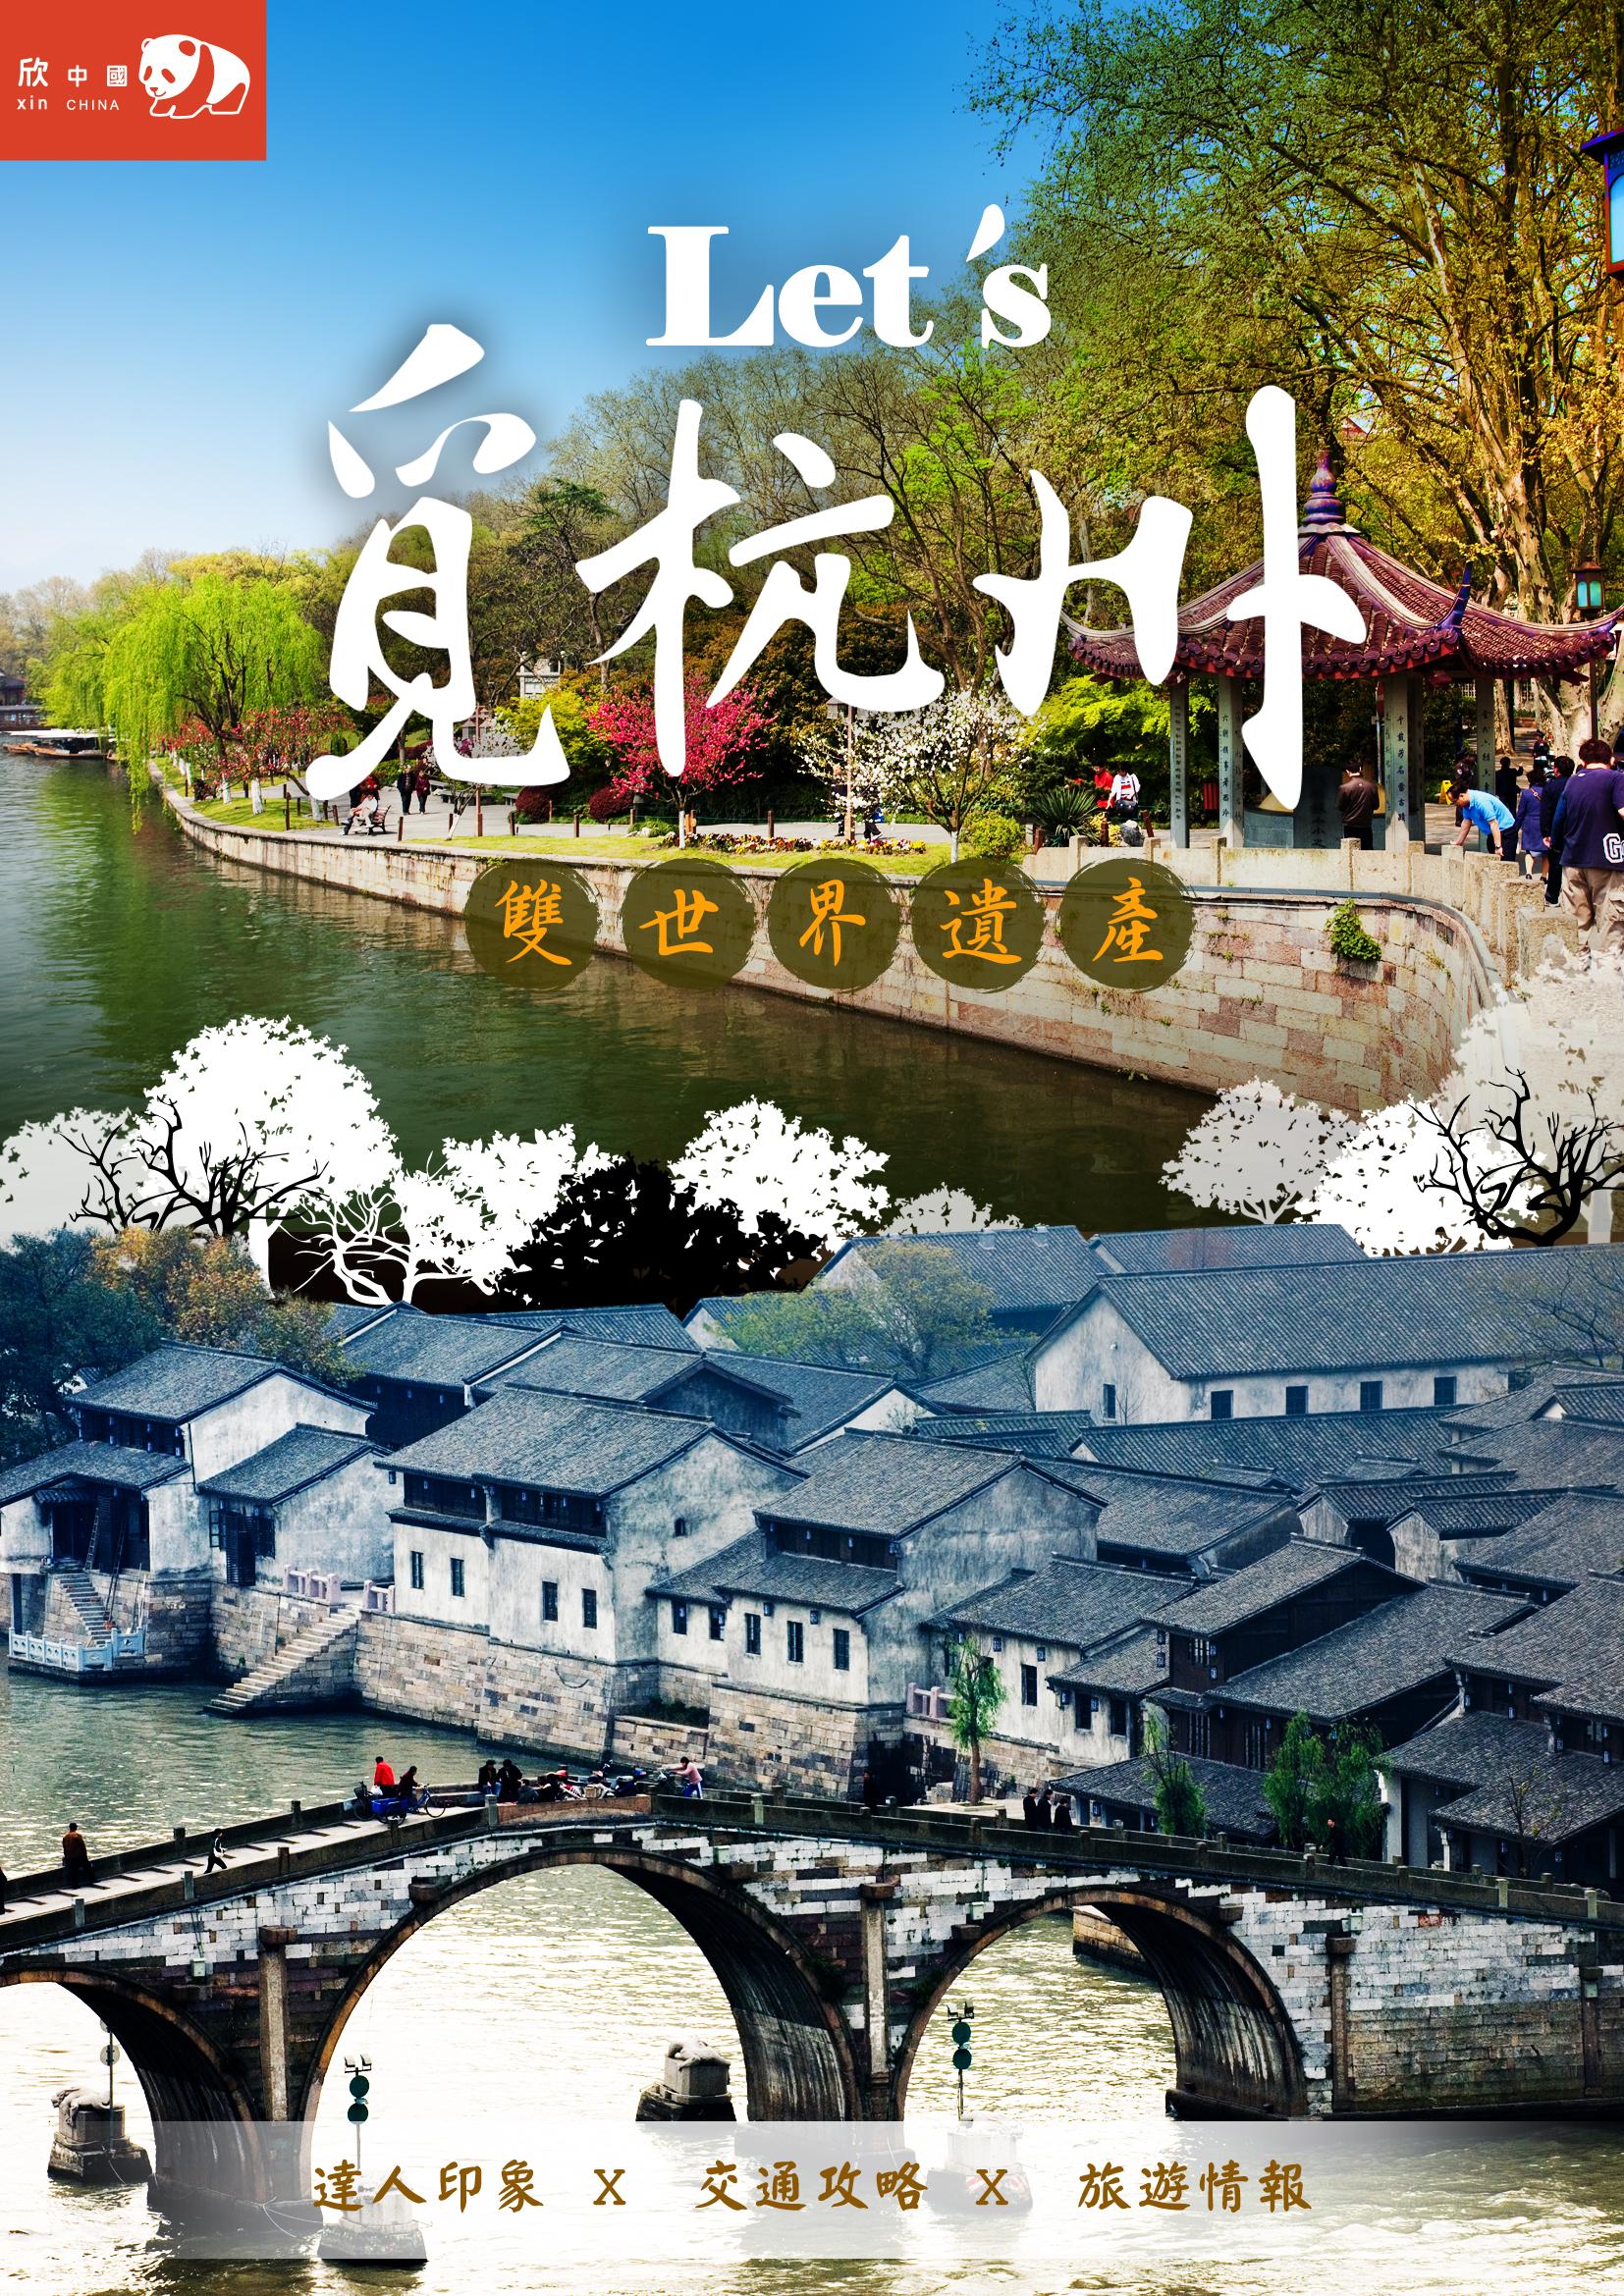 Lets覓杭州雙世界遺產